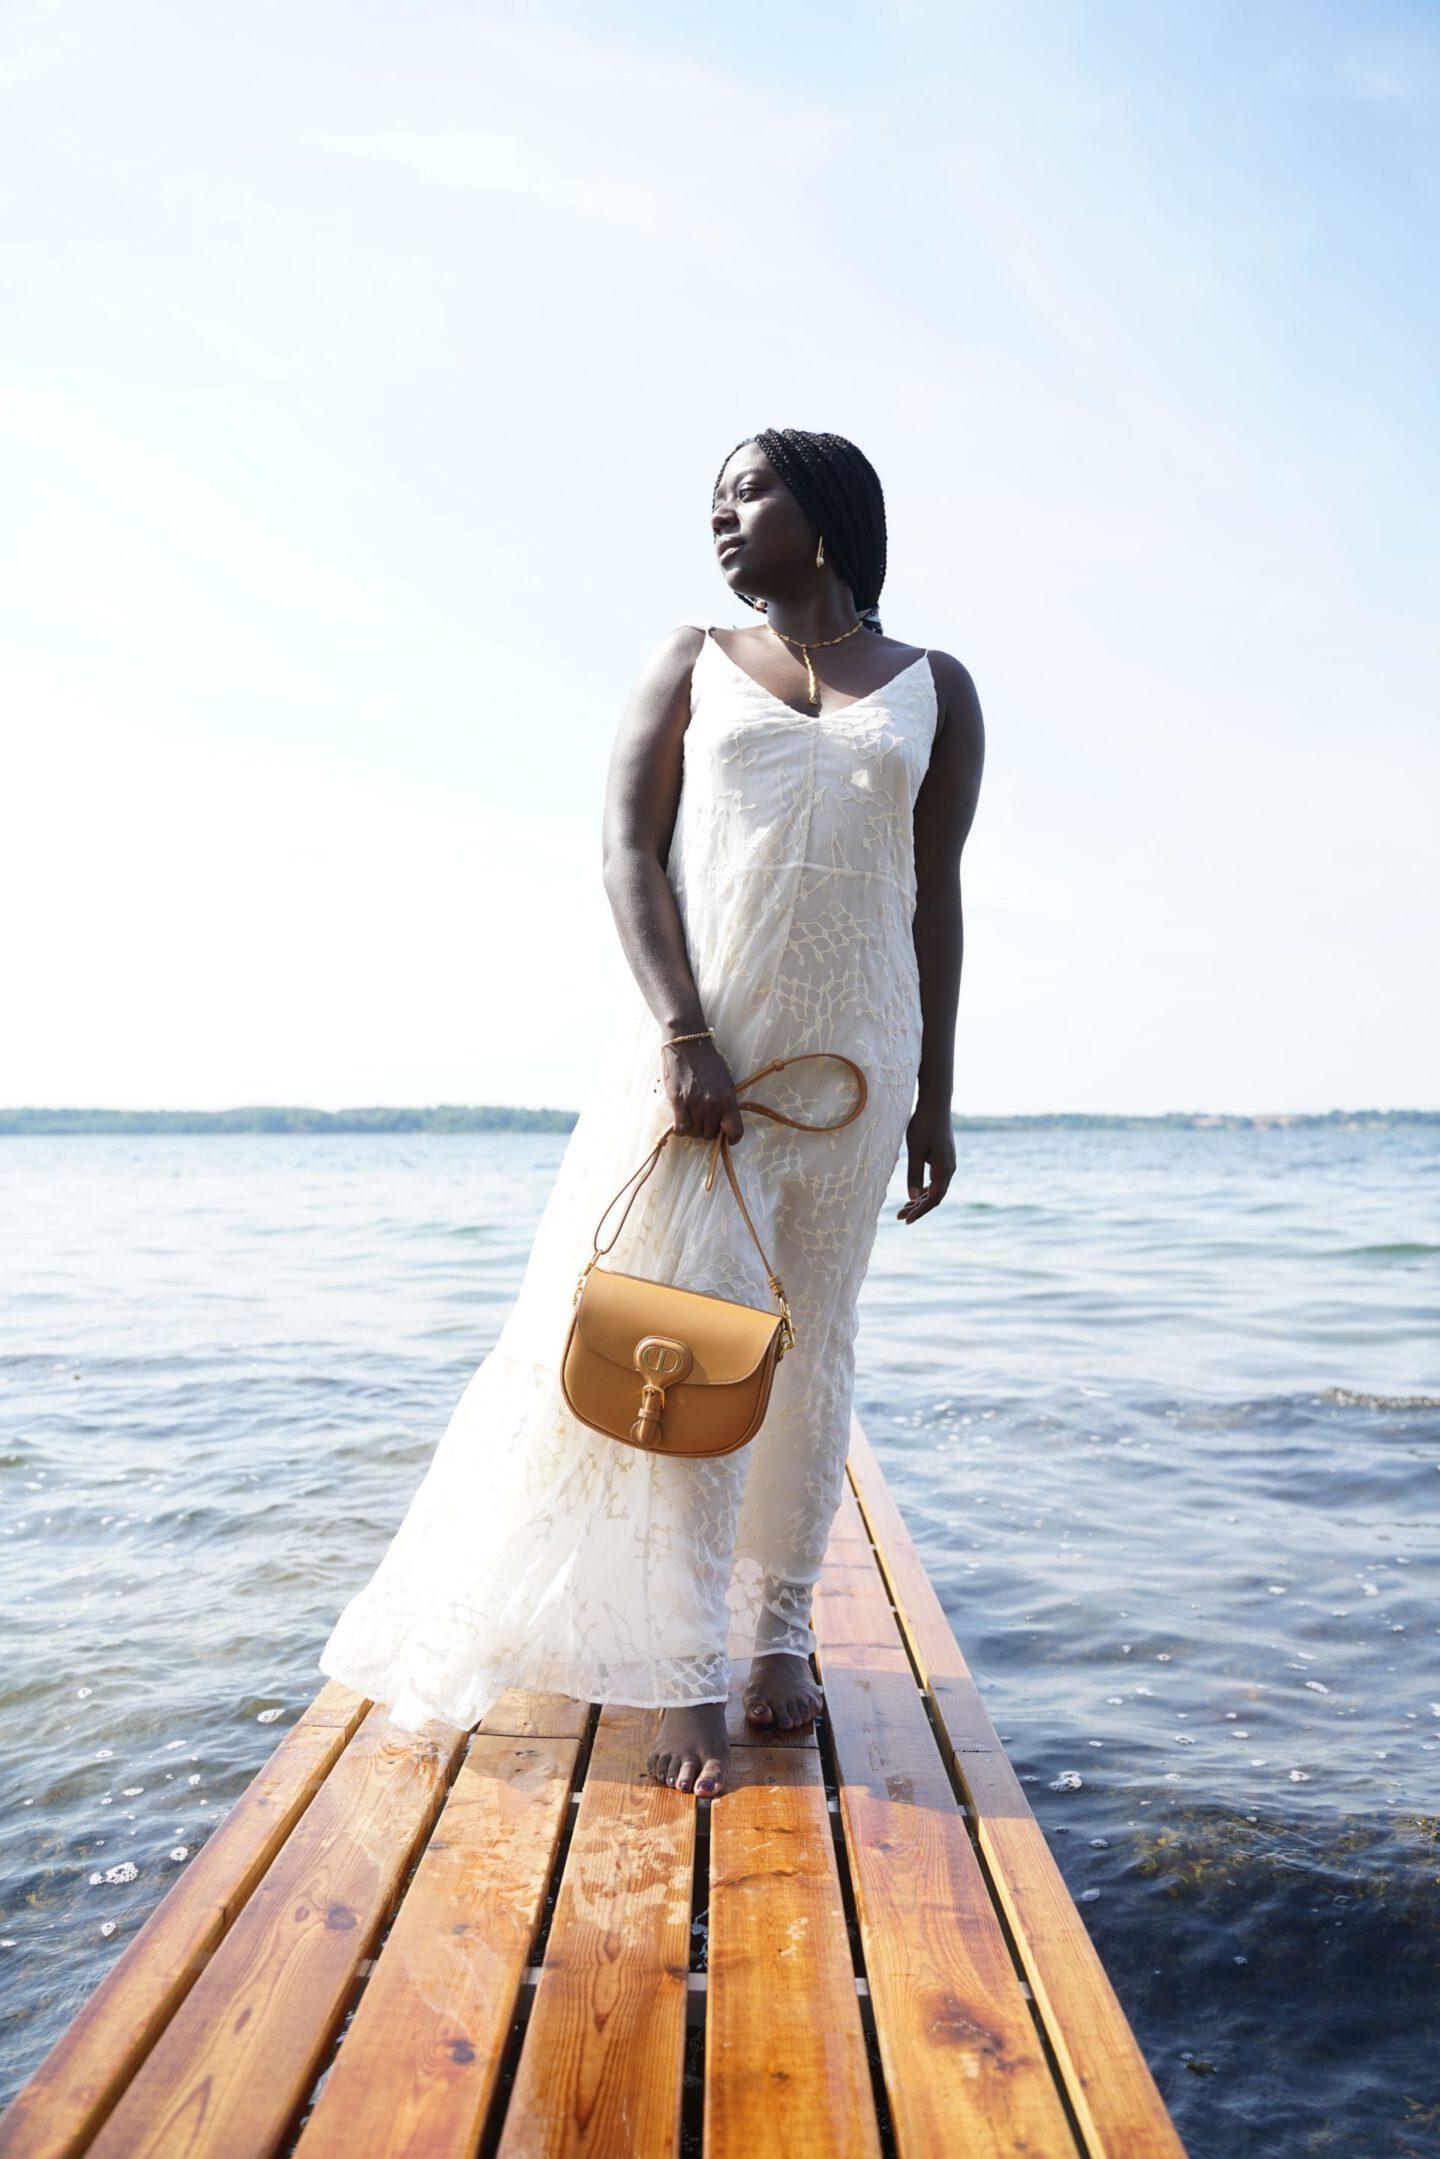 dior bobby bag x Lois Opoku